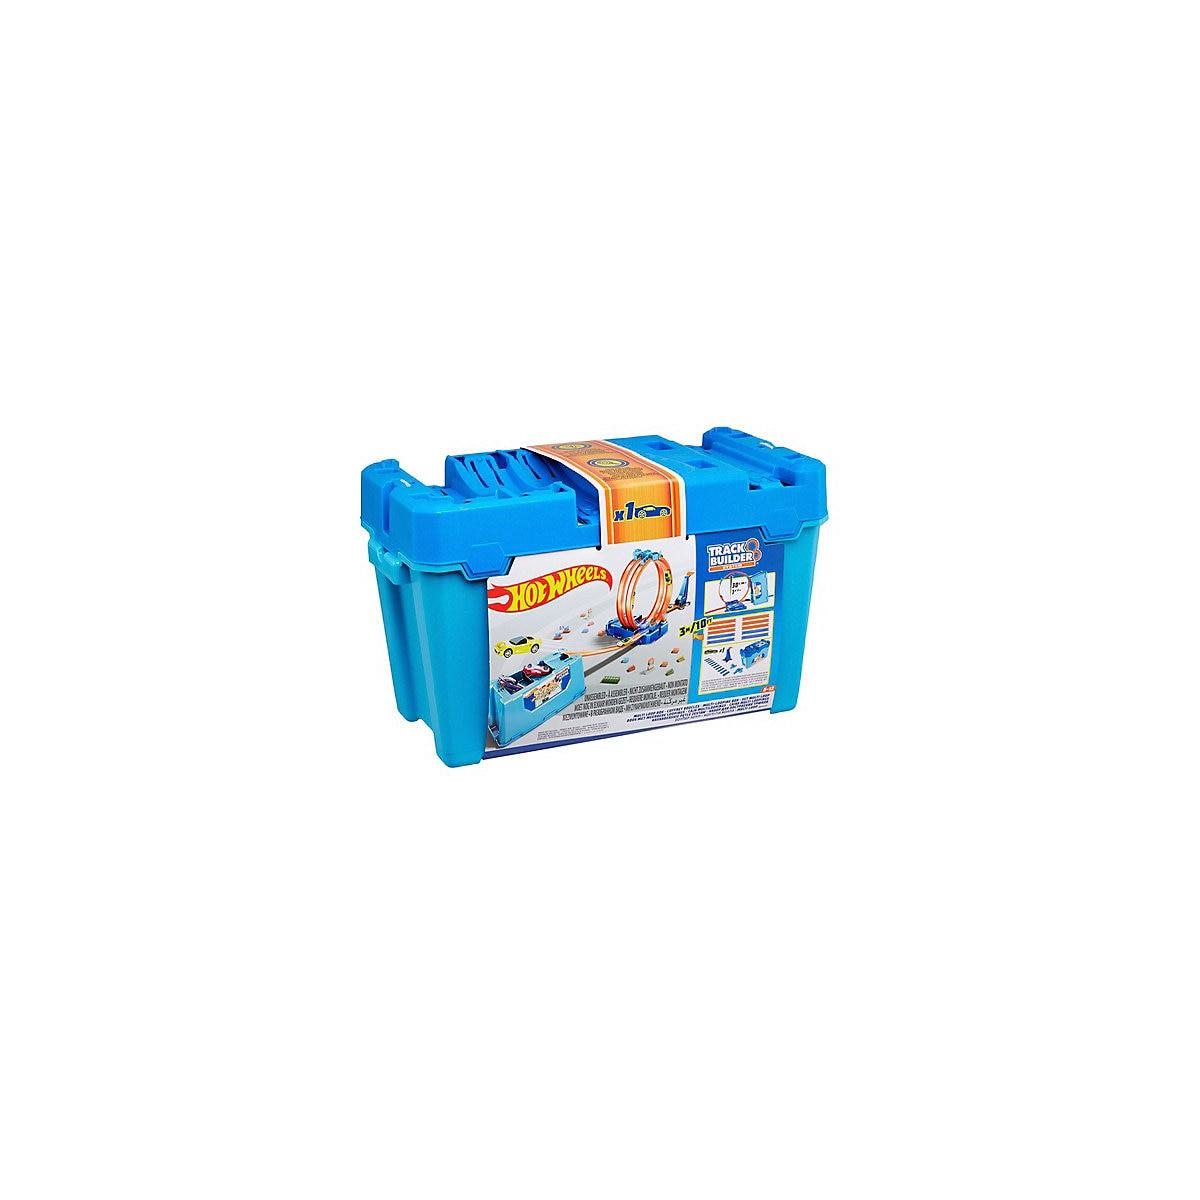 HOT WHEELS Giocattoli pressofusi e veicoli 9633977 сars modello di auto auto per bambini giocattoli per ragazzi ragazzo gioco del gioco MTpromo